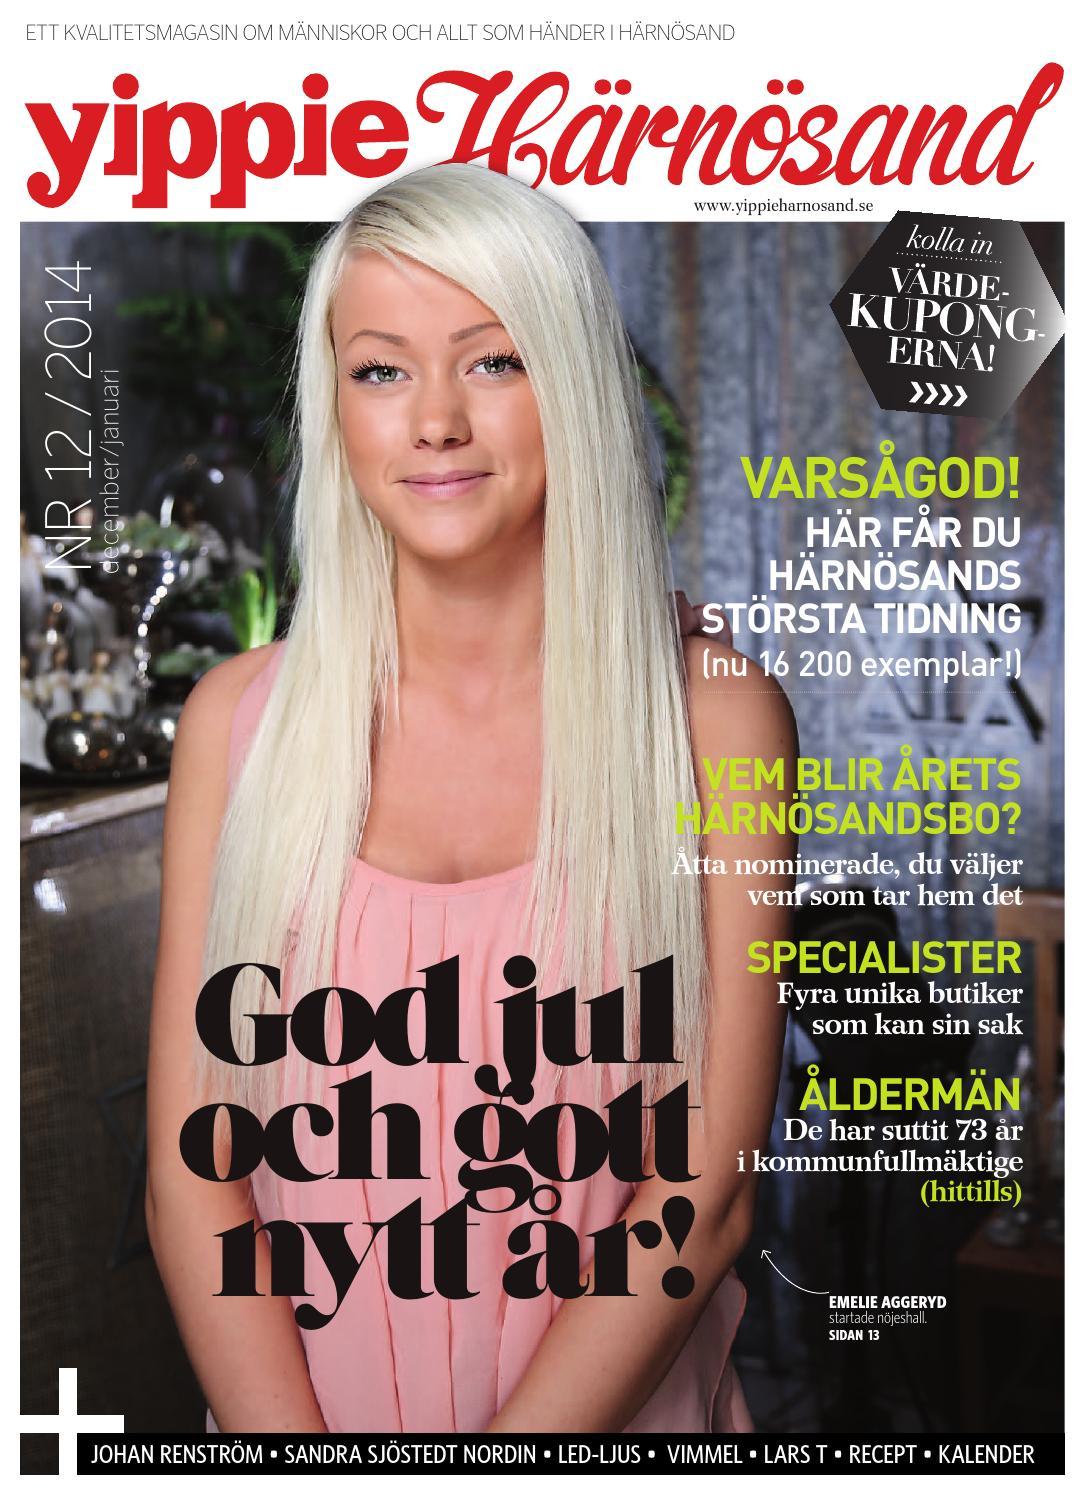 Verka i Härnösand - resurgepillsreview.com